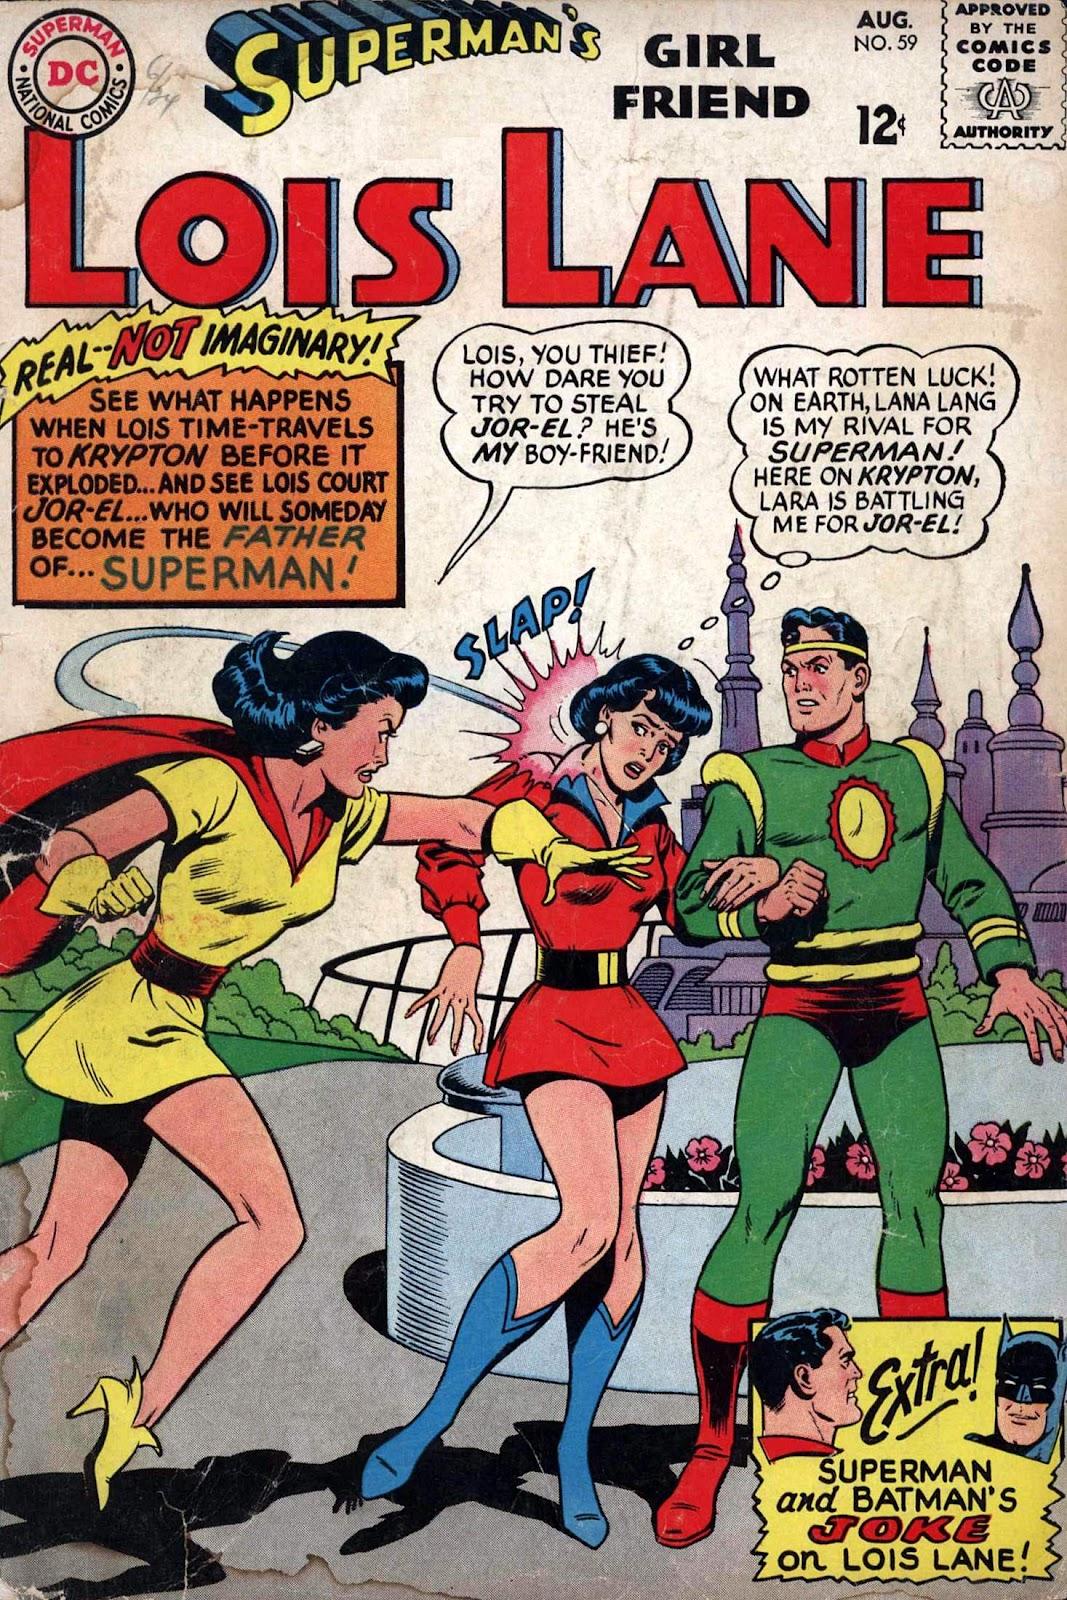 Supermans Girl Friend, Lois Lane 59 Page 1